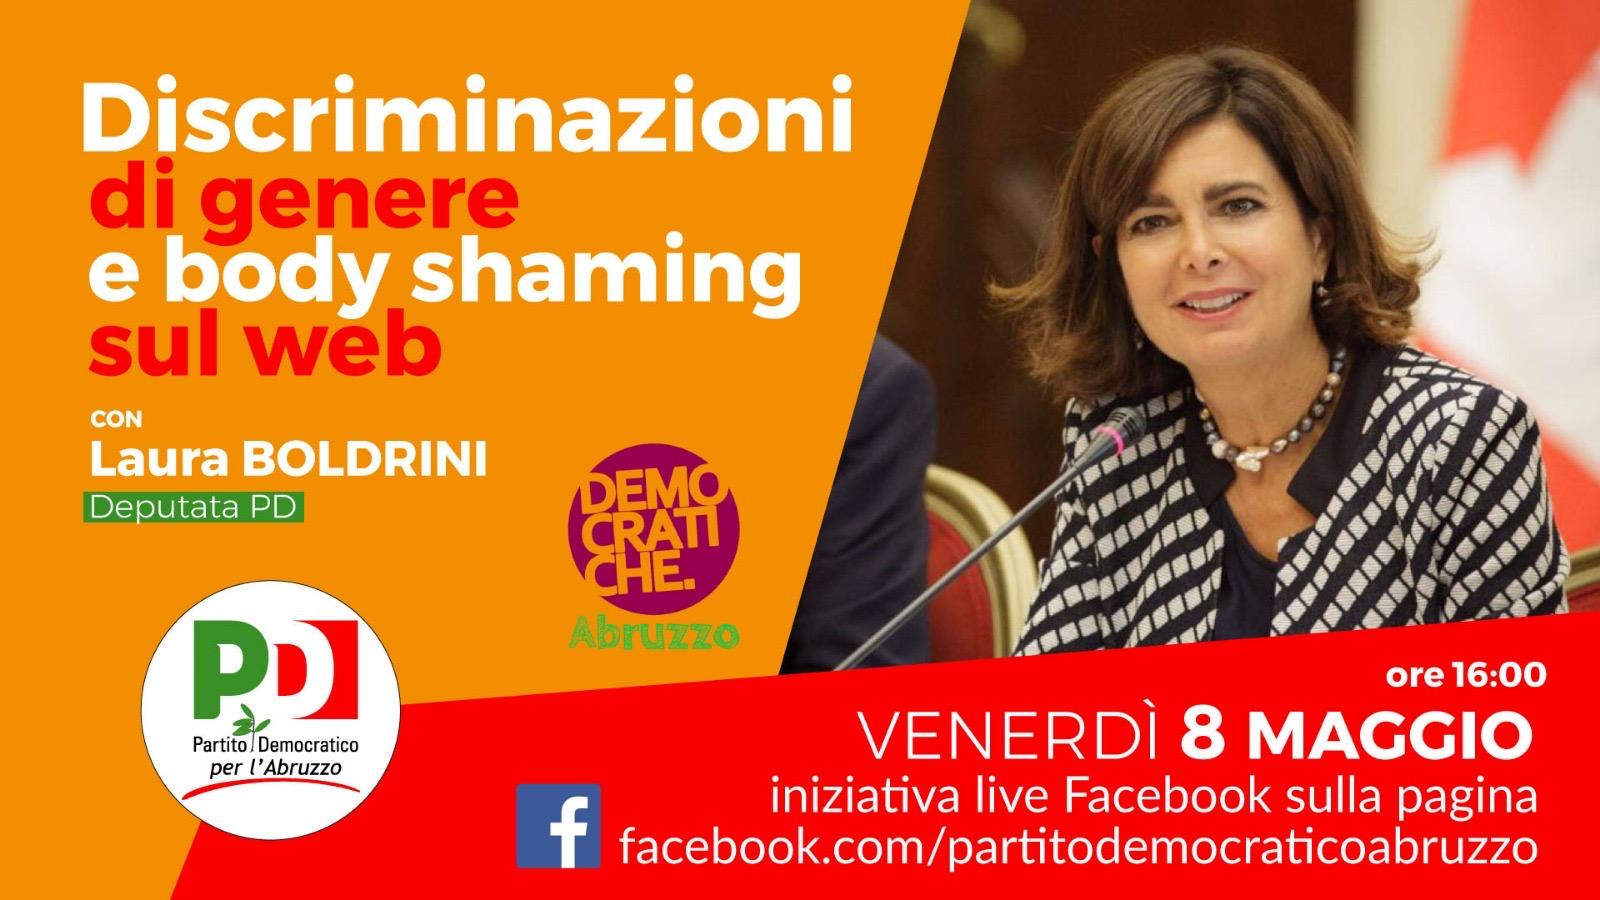 Venerdì 8 maggio Democratiche e PD Abruzzo in diretta con Laura Boldrini